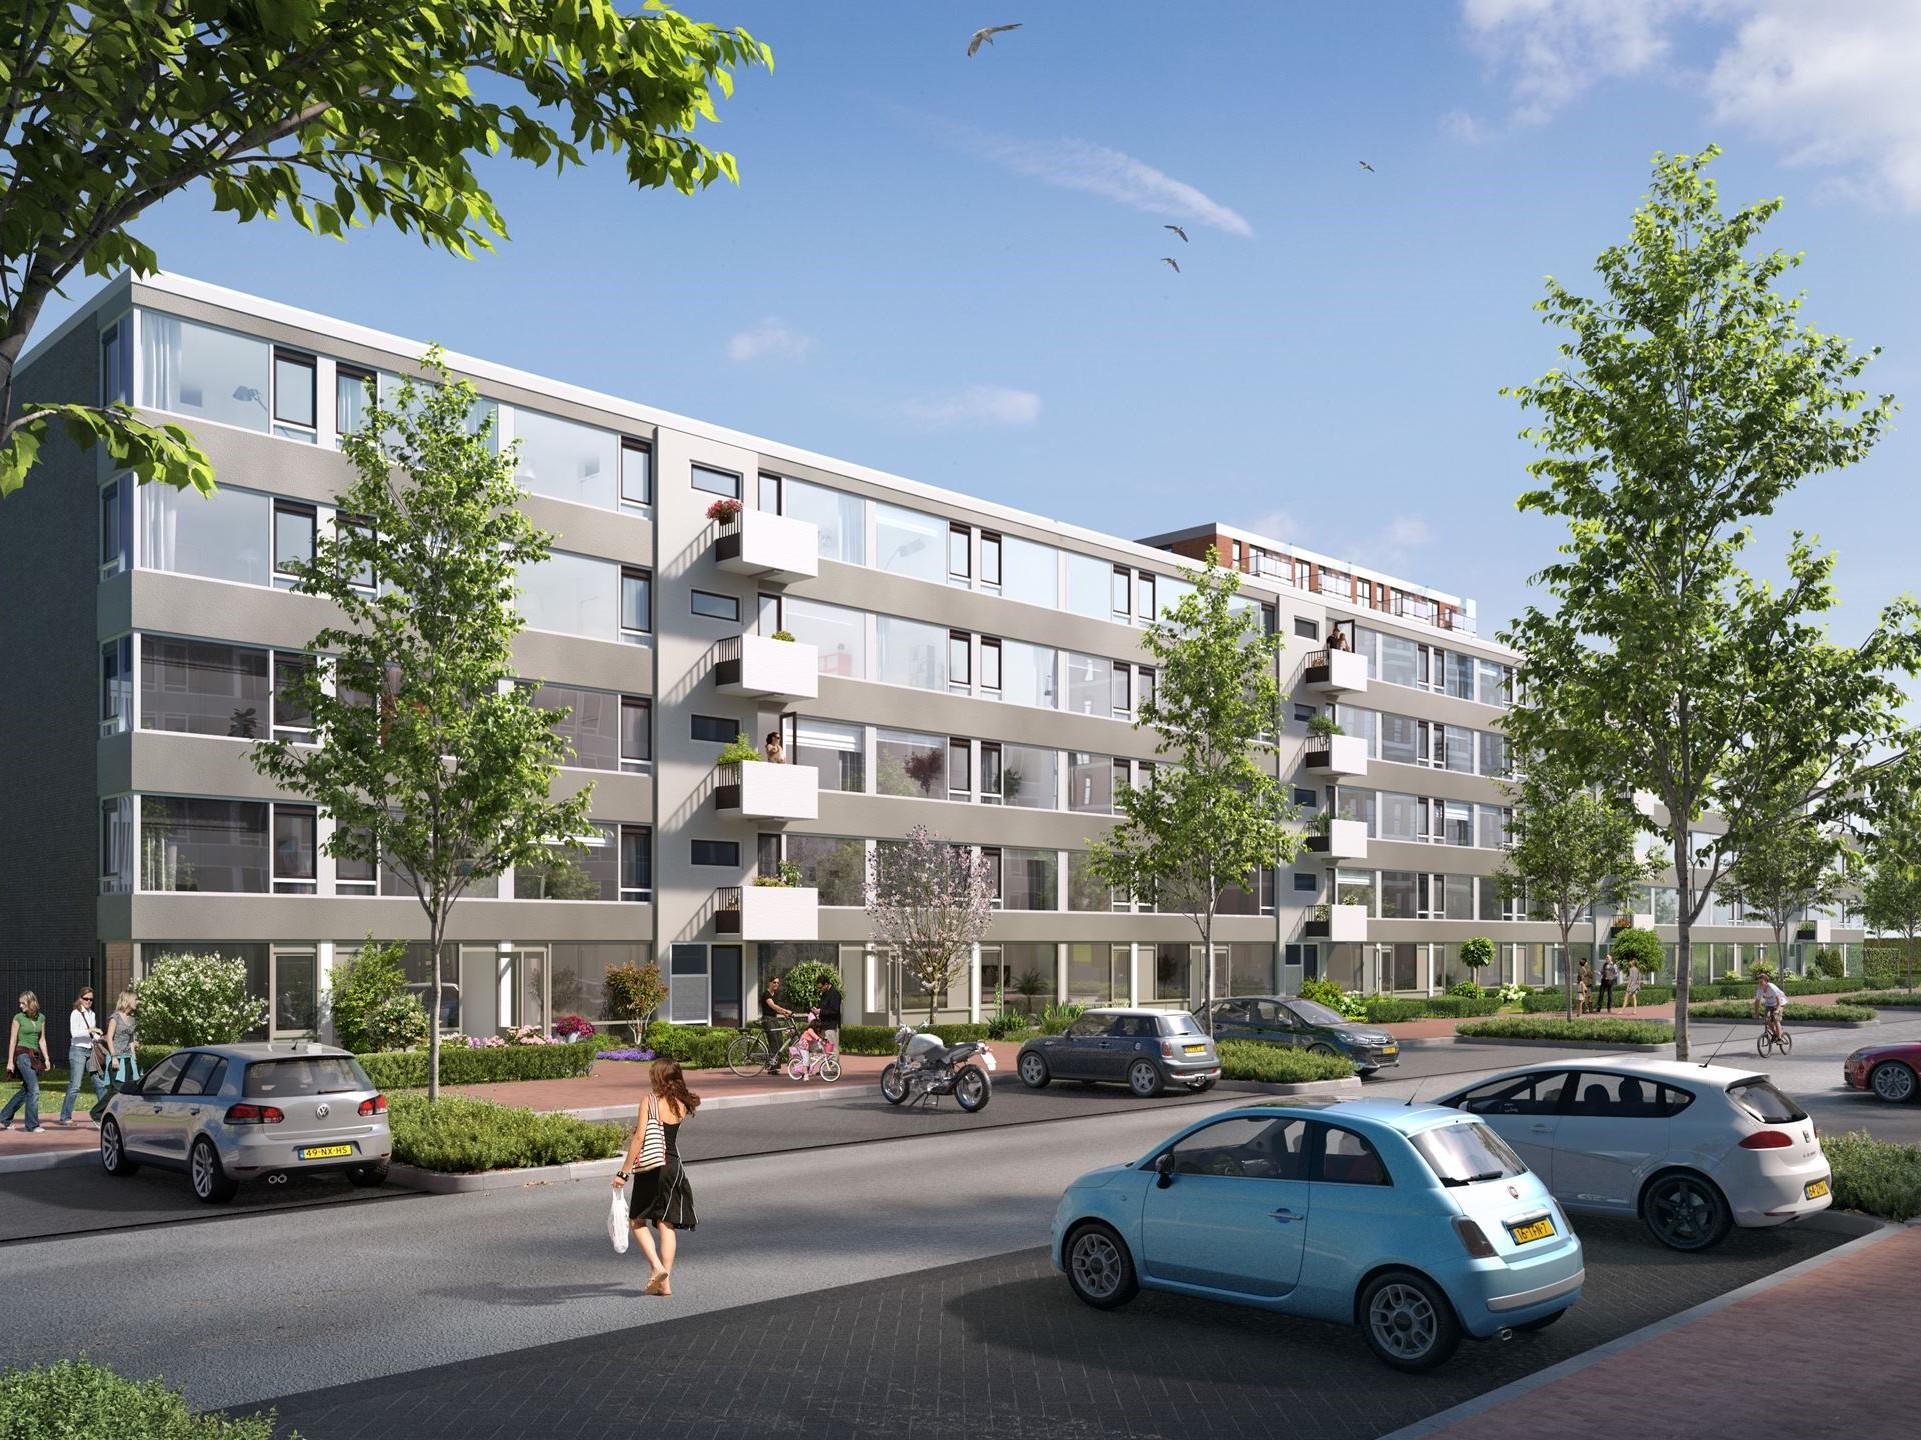 Monnetlaan 98, Utrecht